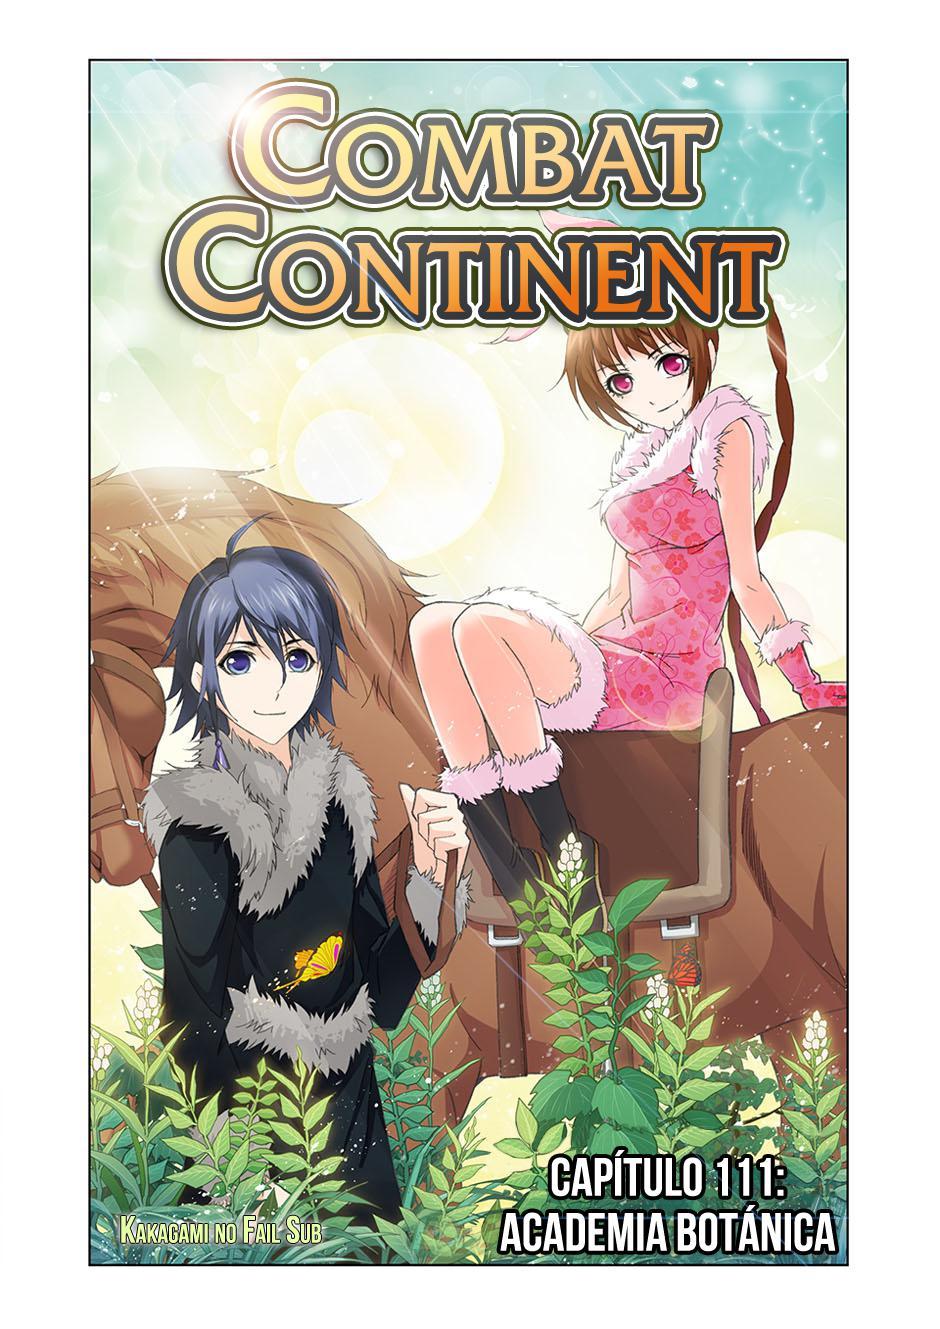 https://c5.ninemanga.com/es_manga/18/16210/417007/f7ddba6262b801bc2aae351a3b30851a.jpg Page 2